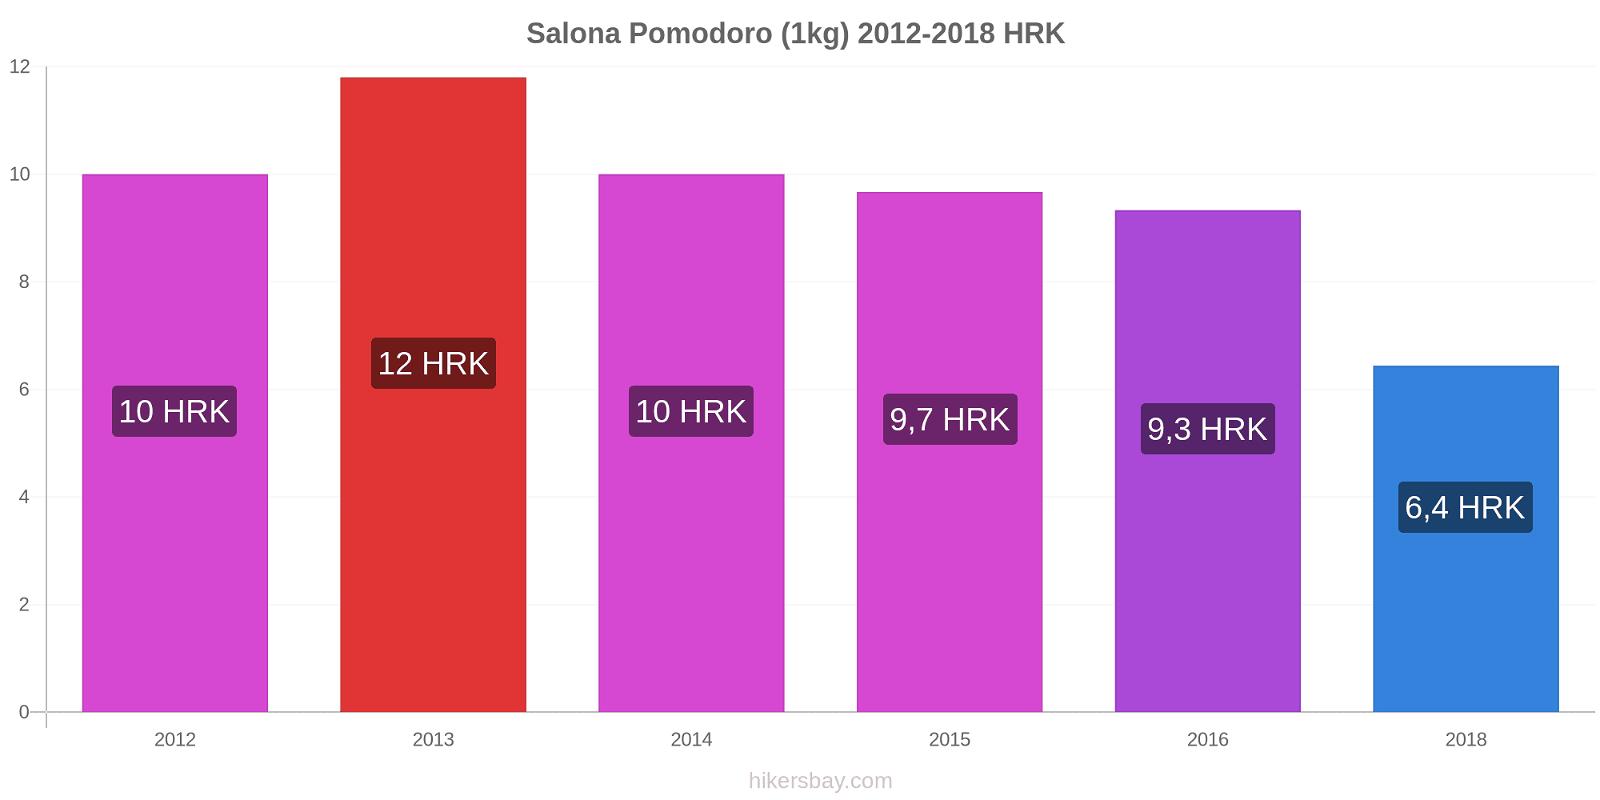 Salona variazioni di prezzo Pomodoro (1kg) hikersbay.com